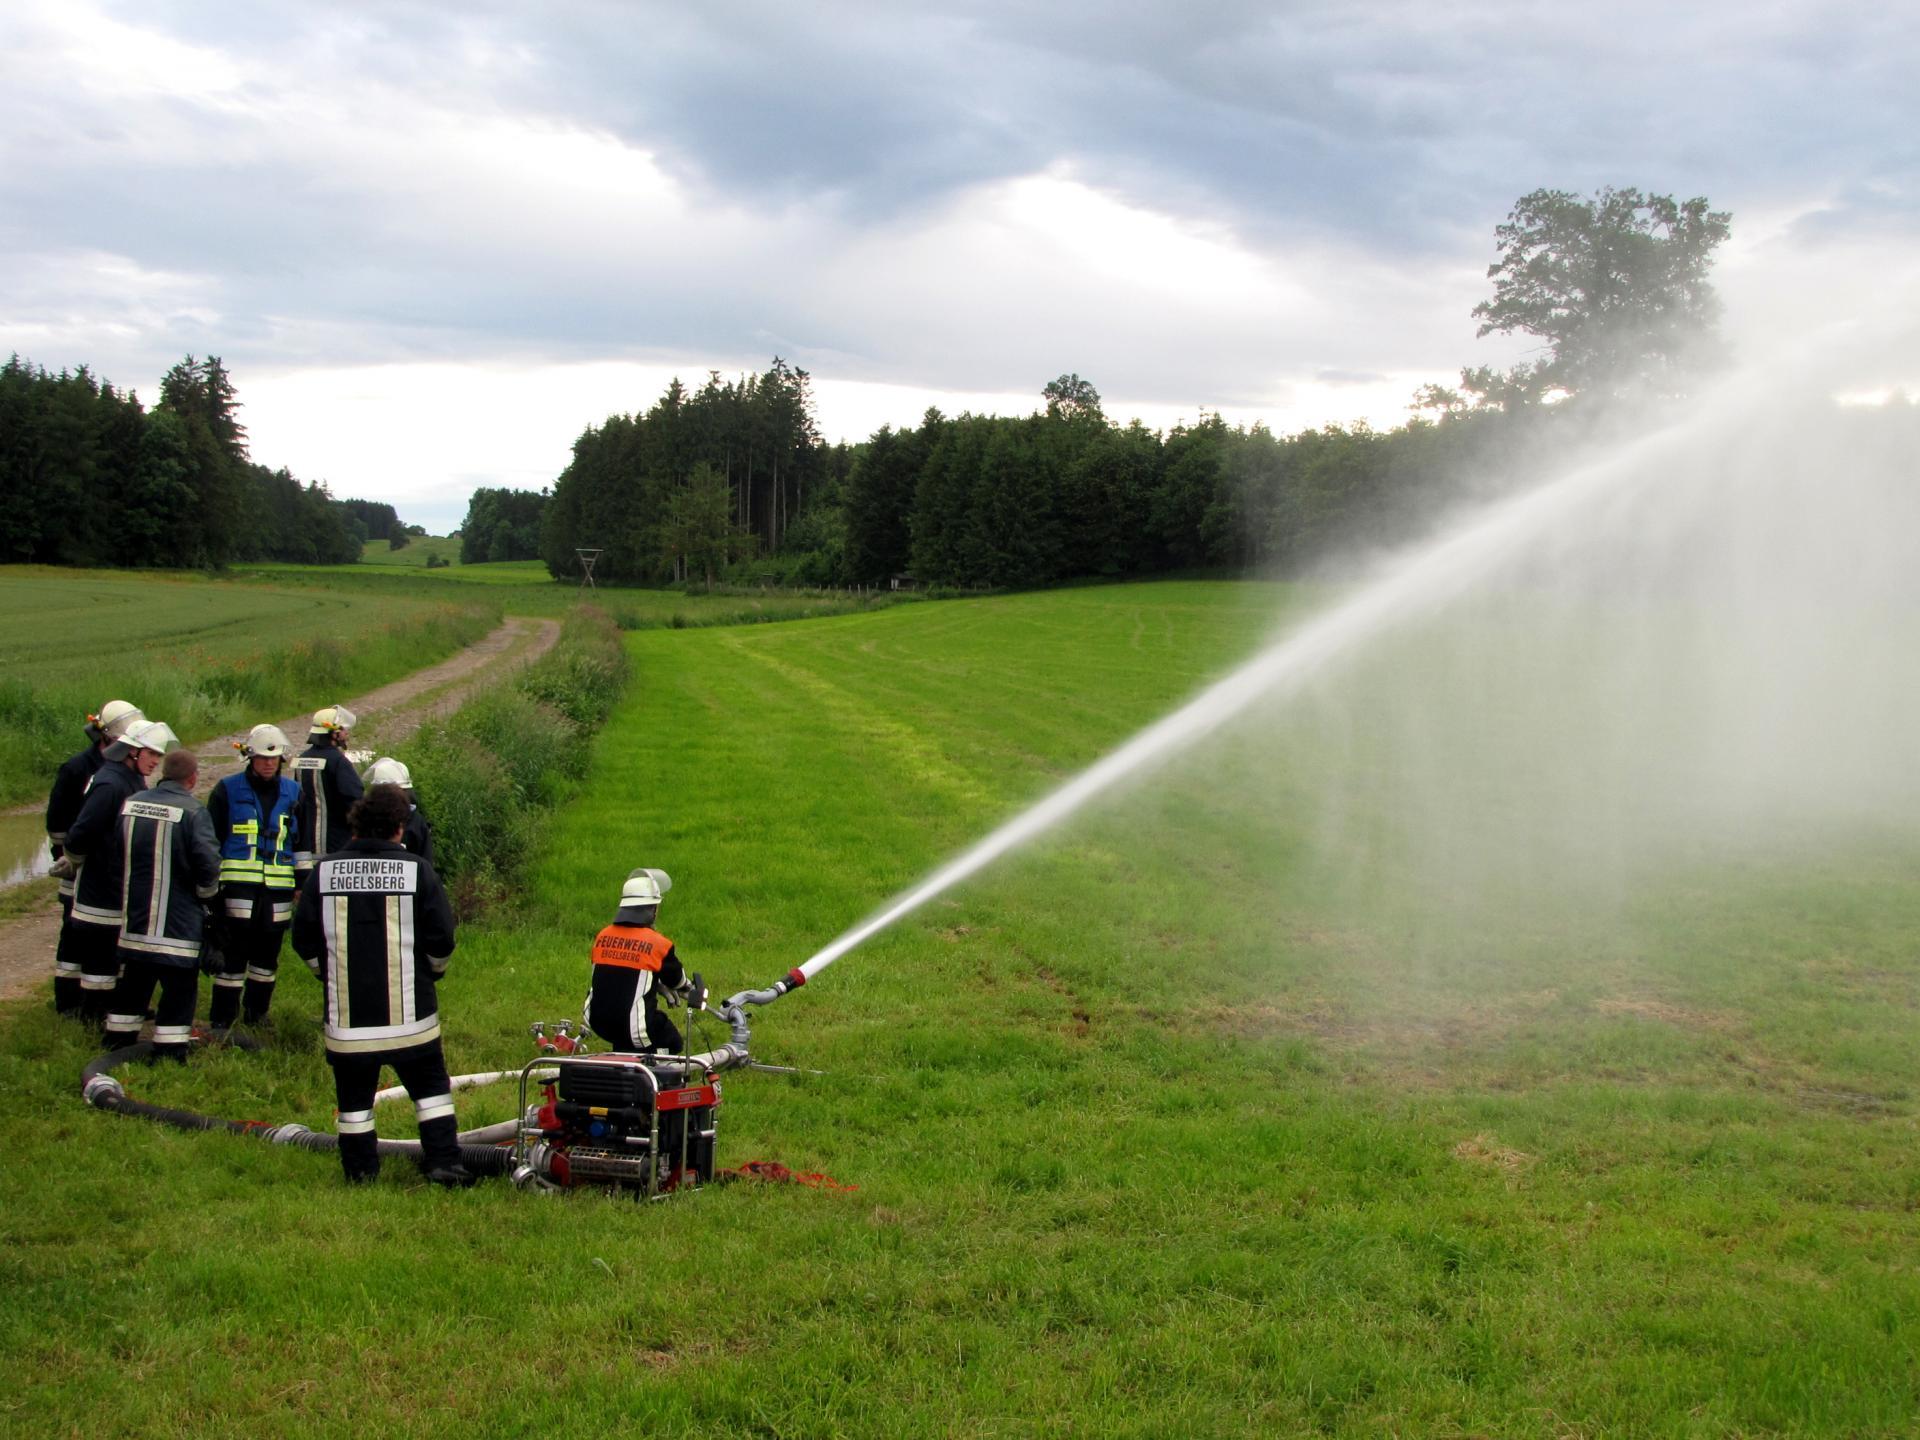 Tragkraftspritze PFPN10-1000 zum Betreiben des Wasserwerfers bei einer Übung 2016